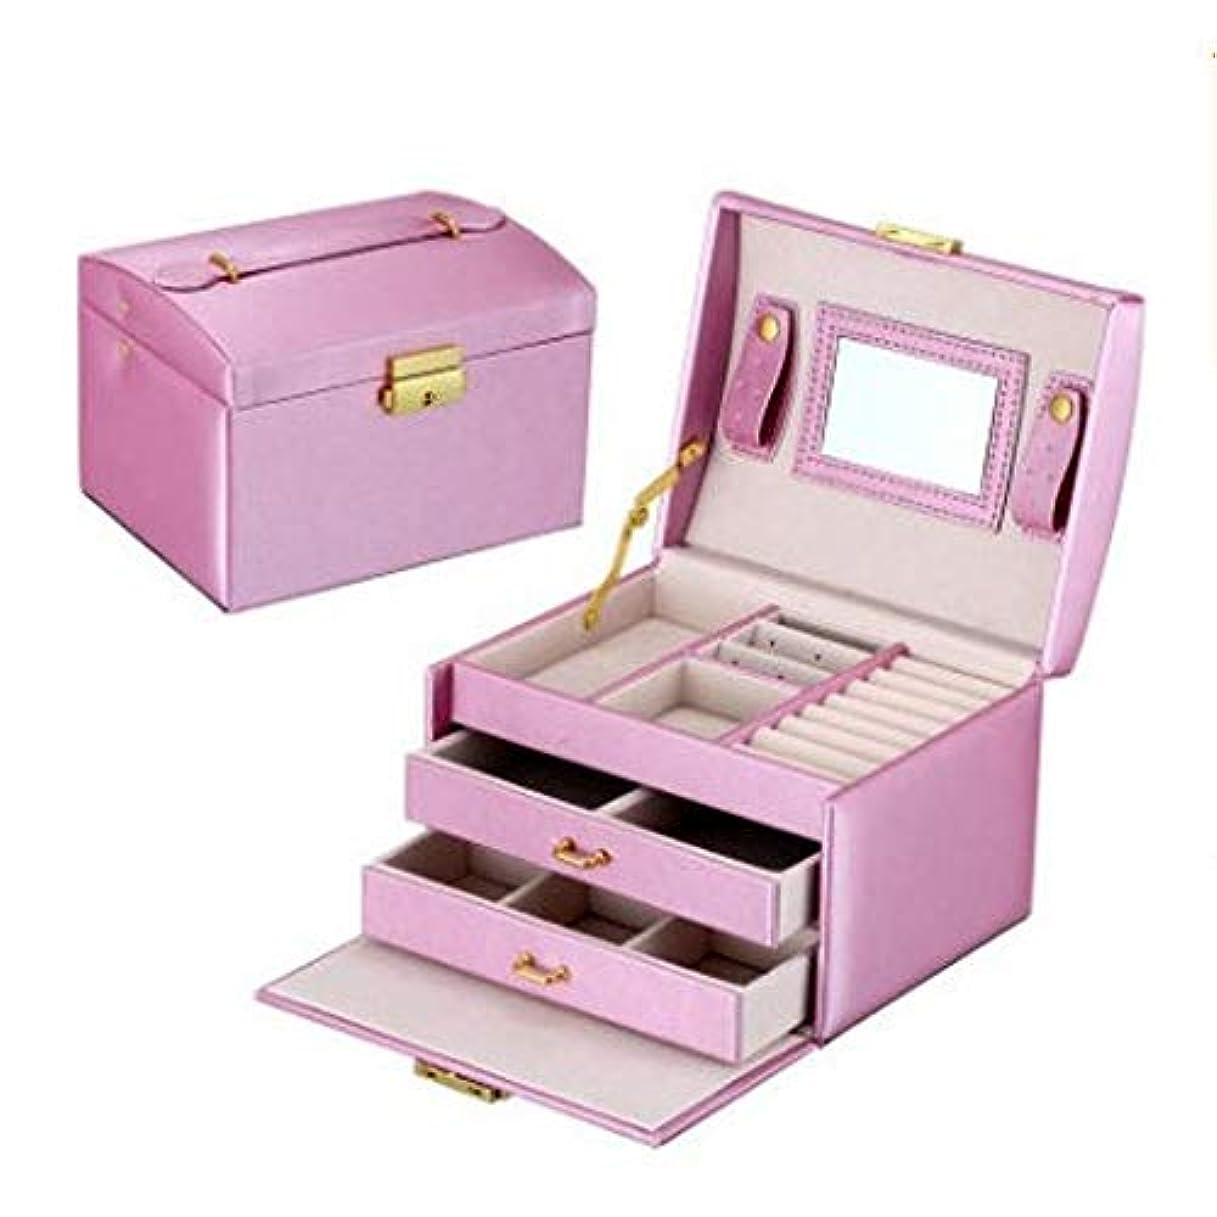 特大スペース収納ビューティーボックス 大型人工皮革トラベルジュエリーボックス収納ボックスディスプレイリングイヤリングネックレス(5色オプション) 化粧品化粧台 (色 : Purple pink)